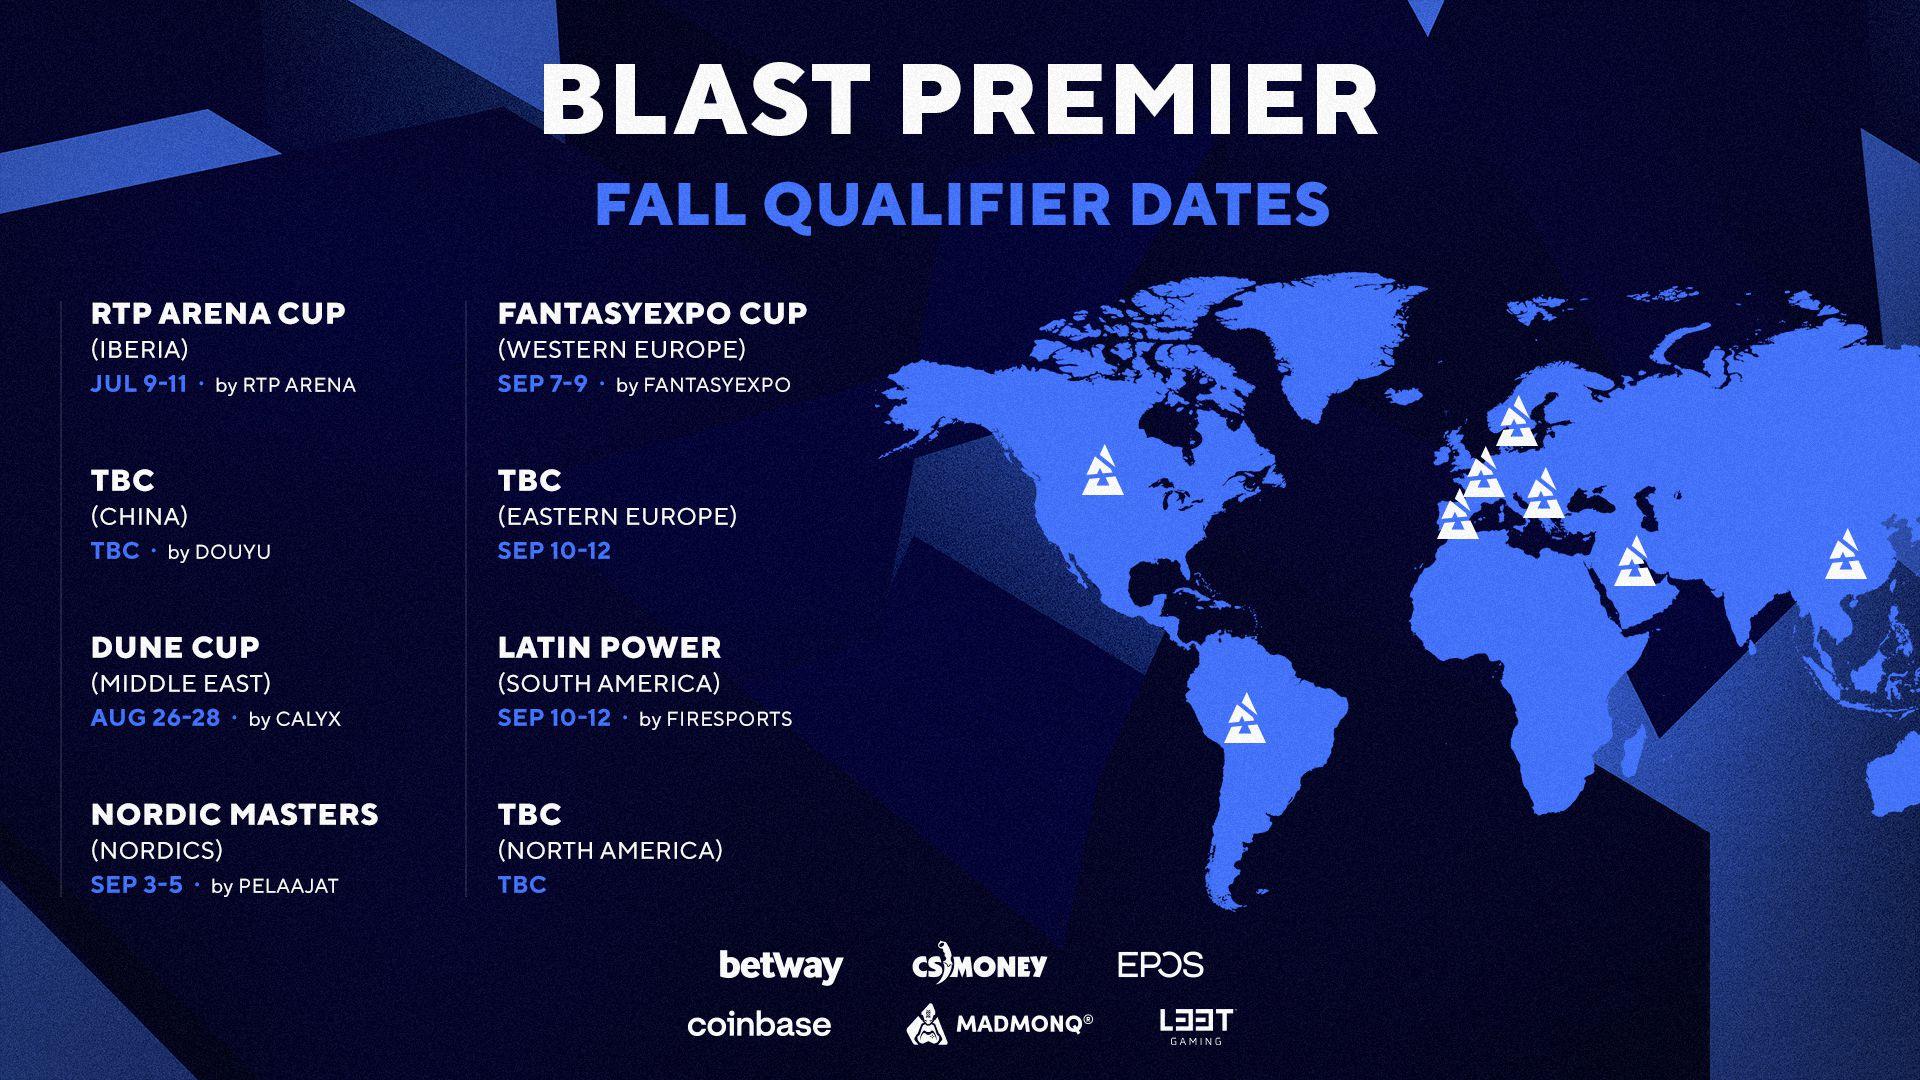 Las fechas de los clasificatorios a la BLAST Premier.